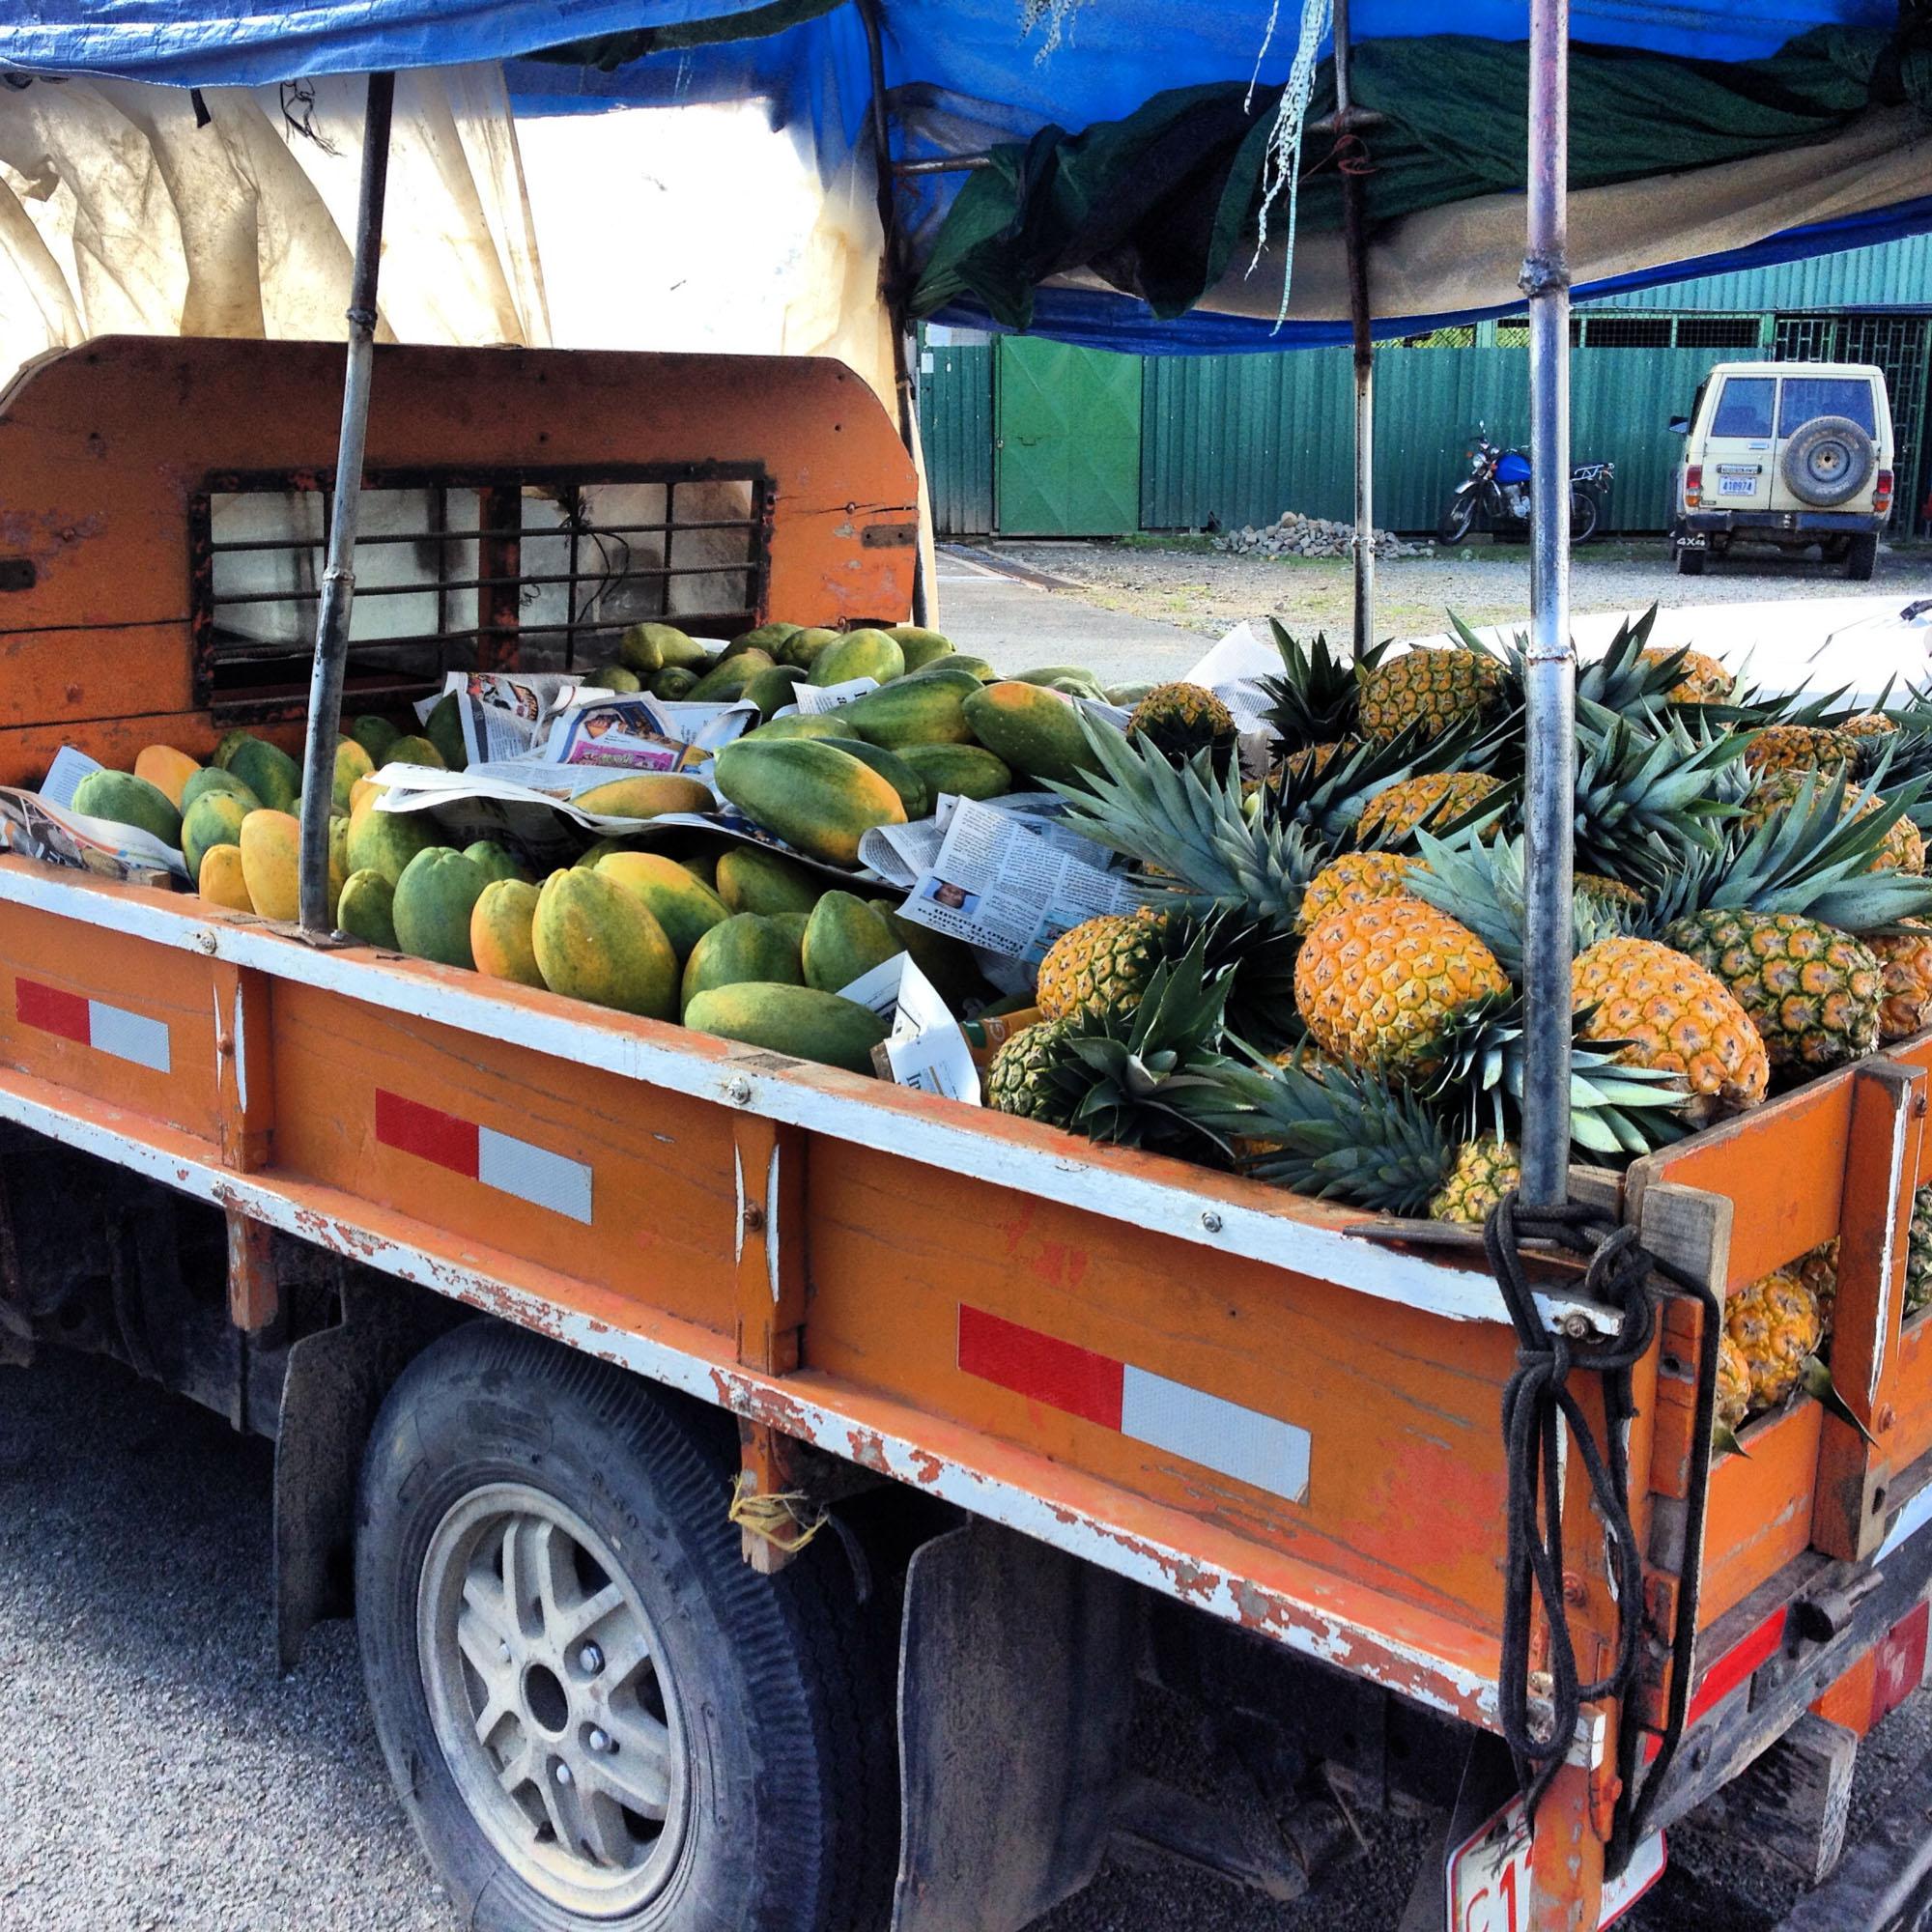 Ananas wie wächst eine Ananas.